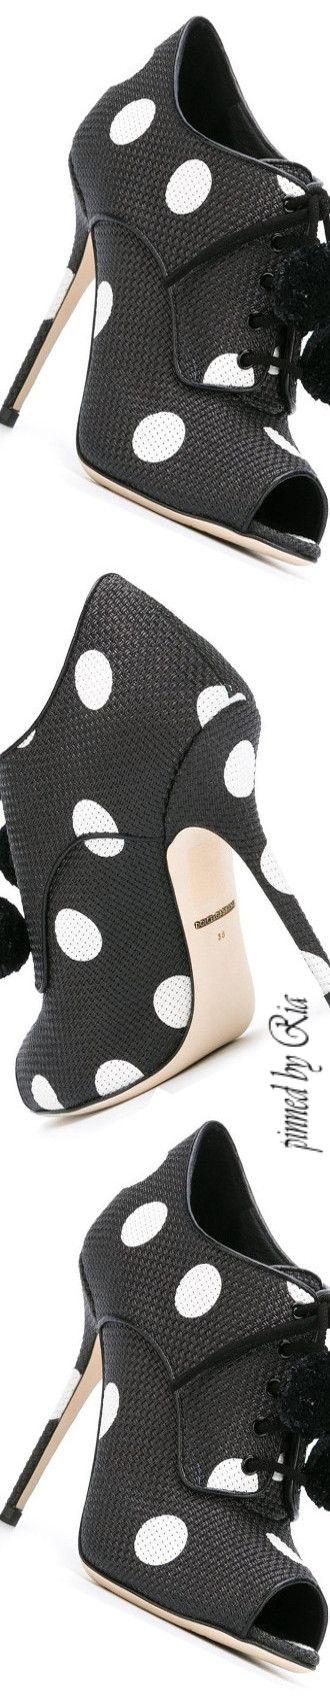 Dolce & Gabbana Polka Dot Open-Toe Pump l Ria@michaelsusanno@emmaruthXOXO@emmammerrick@emmasusanno#STILETTOS~PUMPS~HEELS